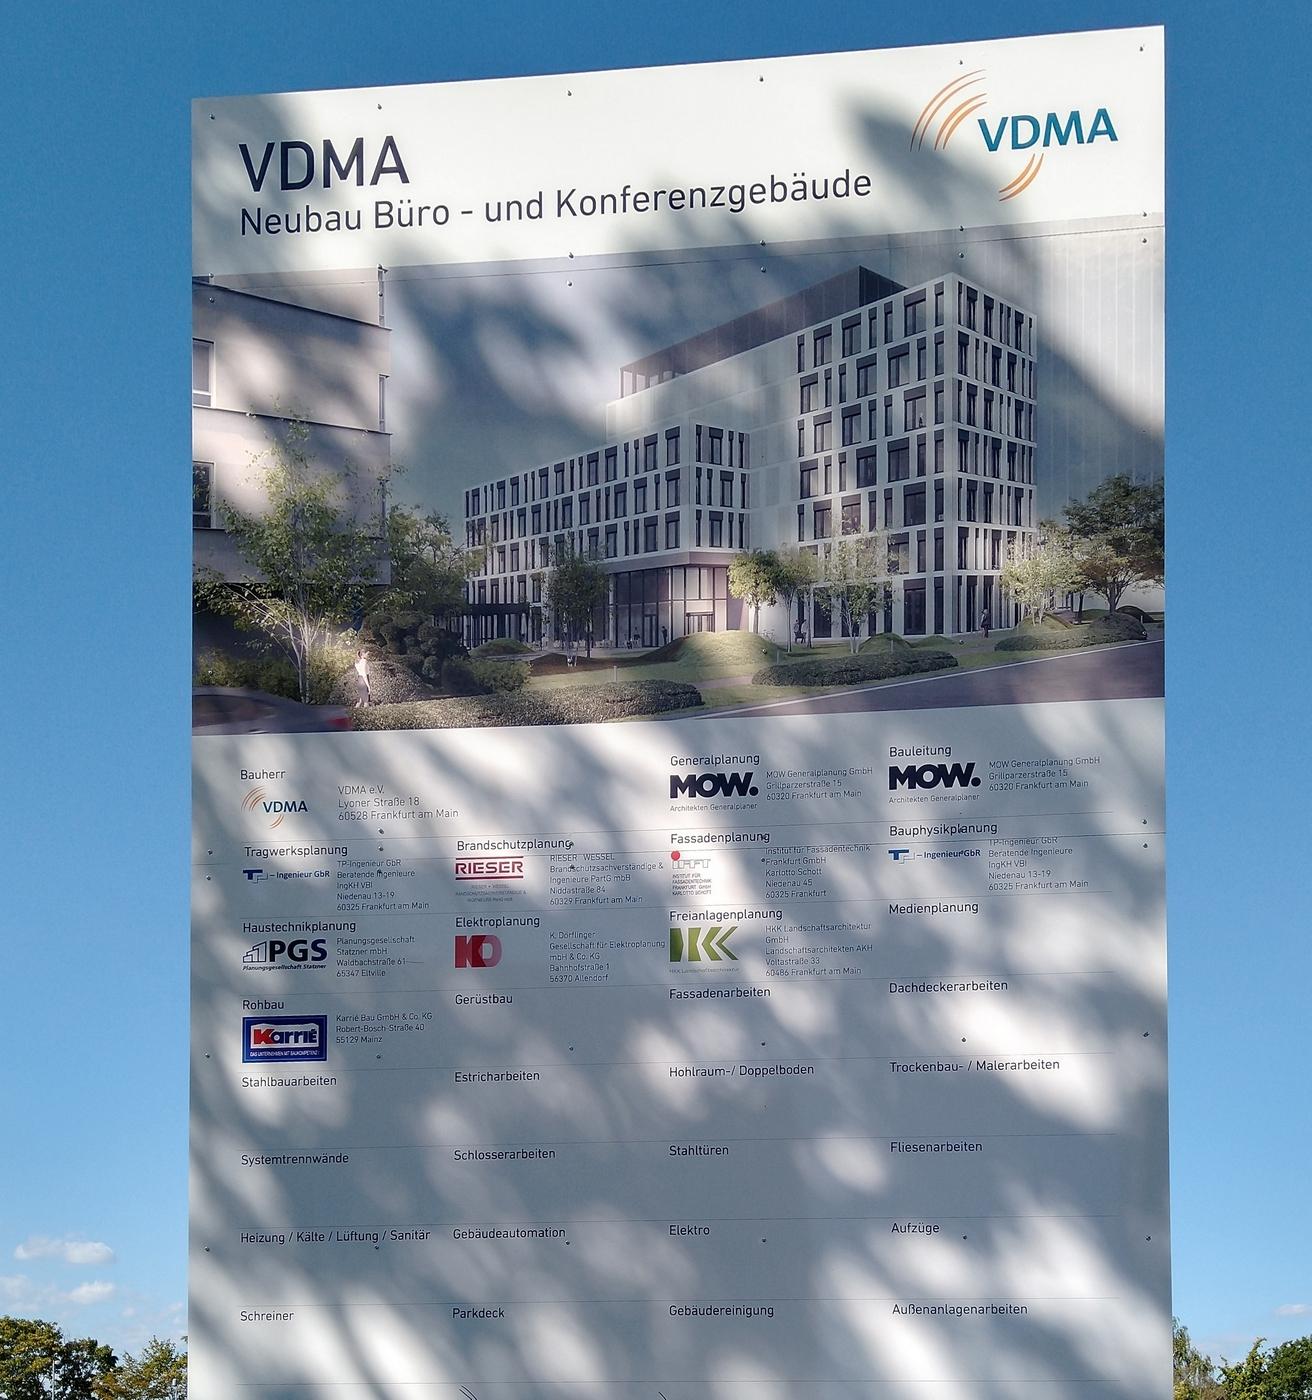 Bild: https://www.deutsches-architektur-forum.de/pics/schmittchen/4050_vdma_niederrad.jpg